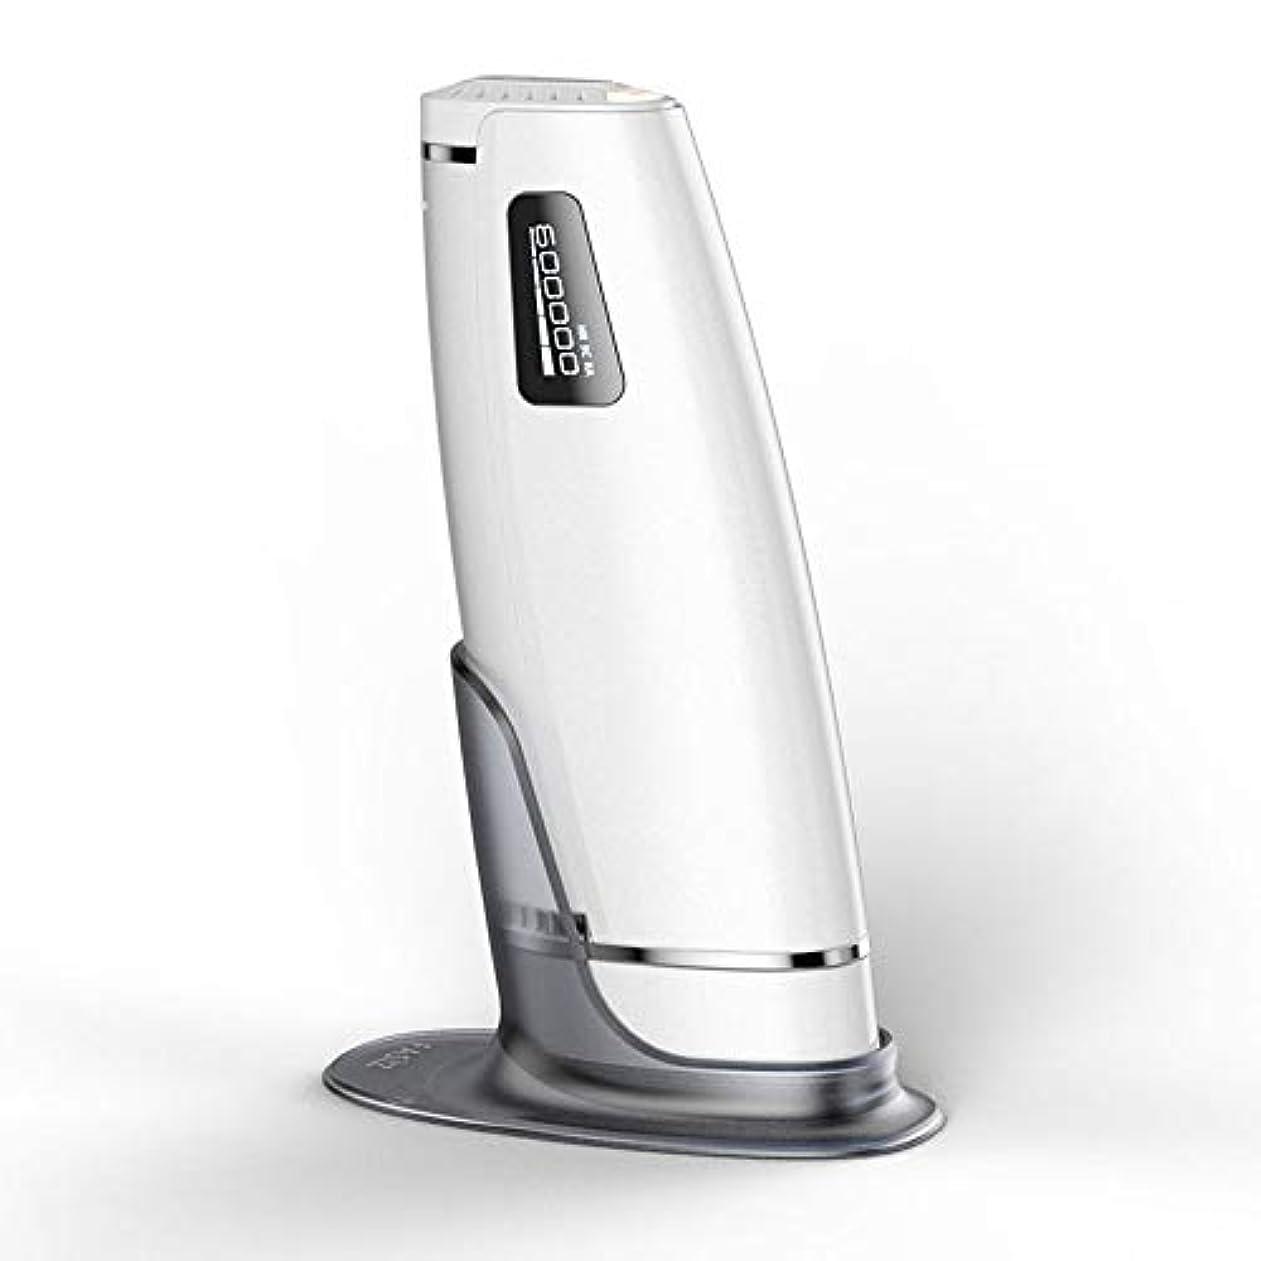 巧みな鮮やかな貢献する家庭用自動痛みのない毛の除去剤、白、携帯用永久的な毛の除去剤、二重モード、5つの速度調節、サイズ20.5 X 4.5 X 7 Cm 安全性